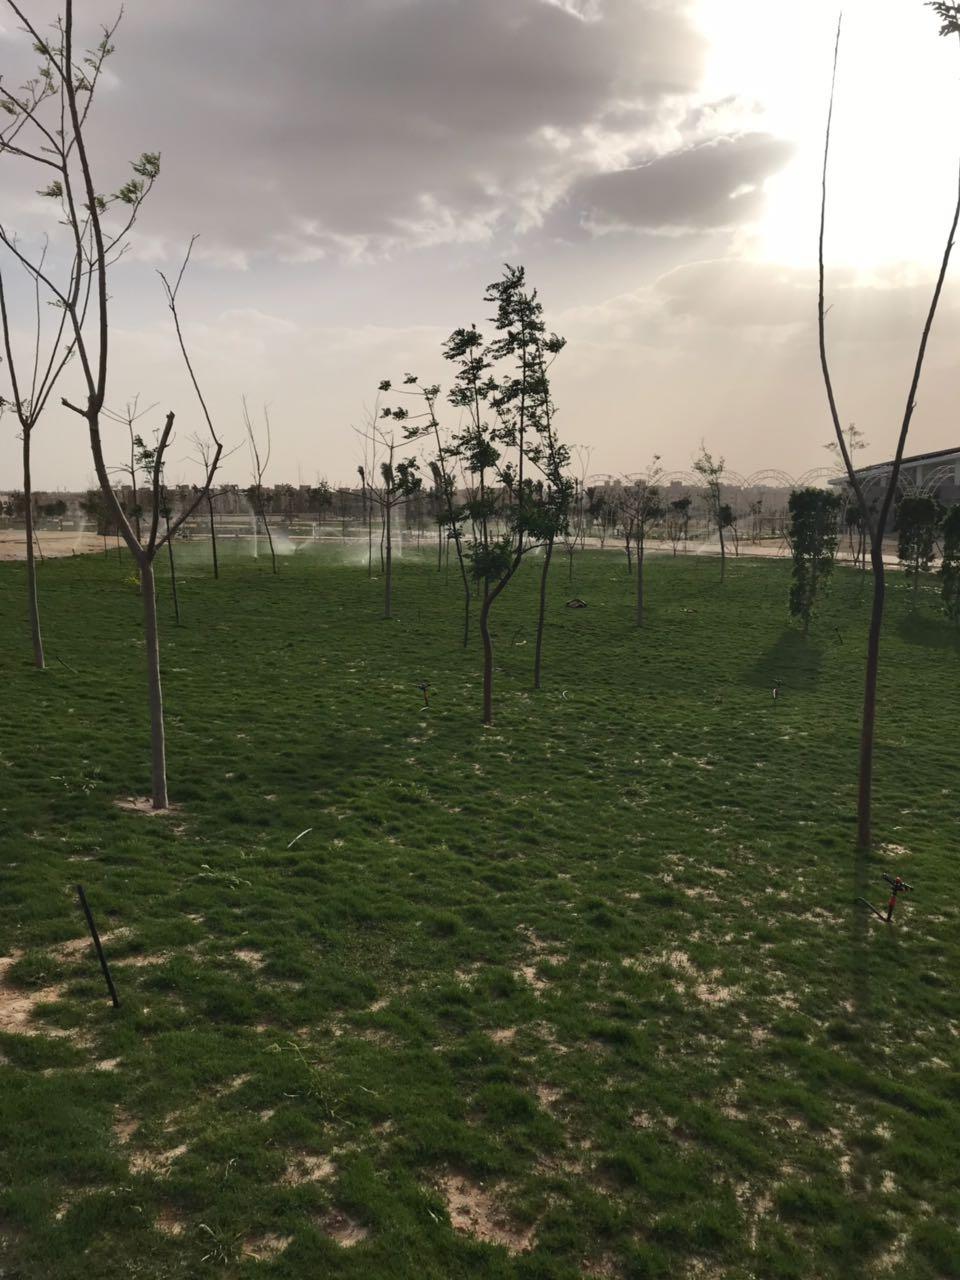 الحديقة المركزية بمدينة الشيخ زايد  (8)